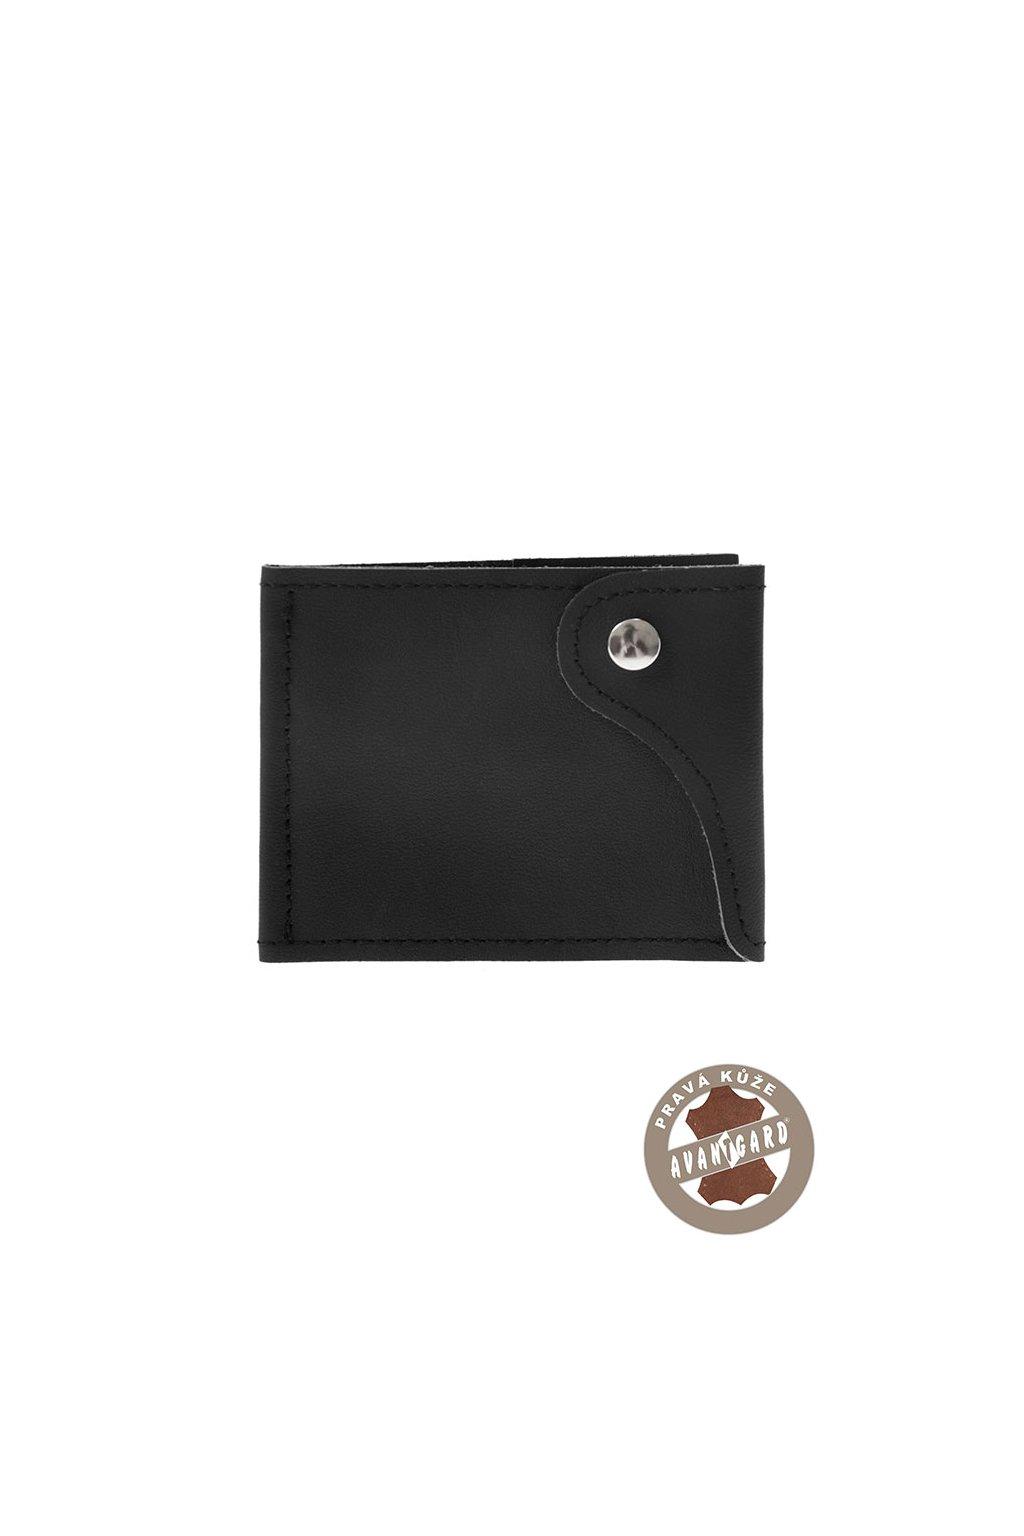 Pánská peněženka z pravé kůže černá 800 - 23